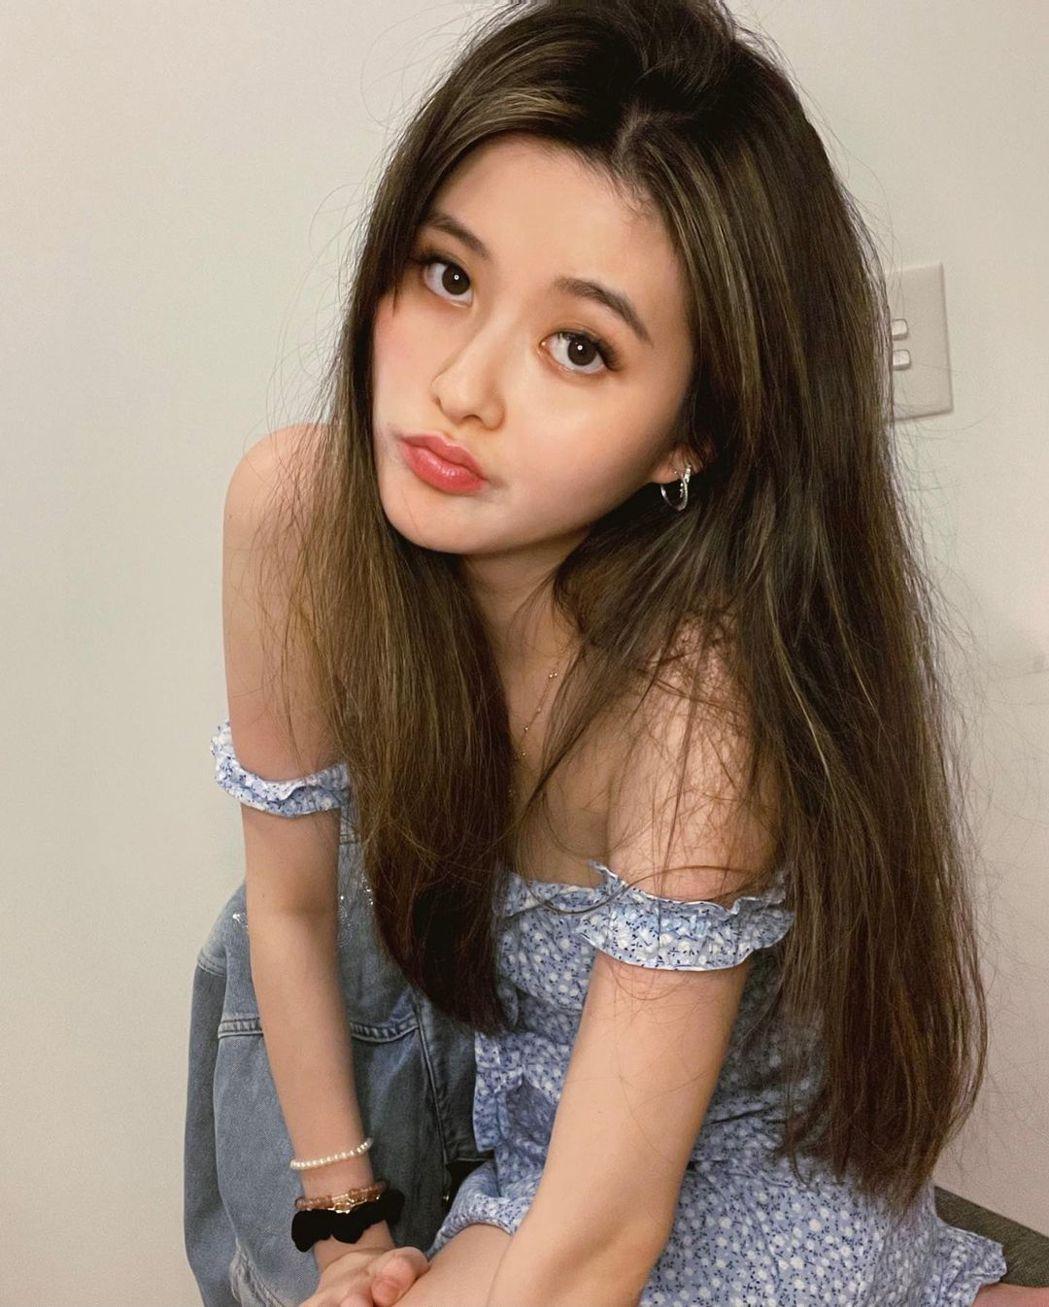 孫芸芸女兒擁有一雙迷人大眼睛。圖/擷自IG